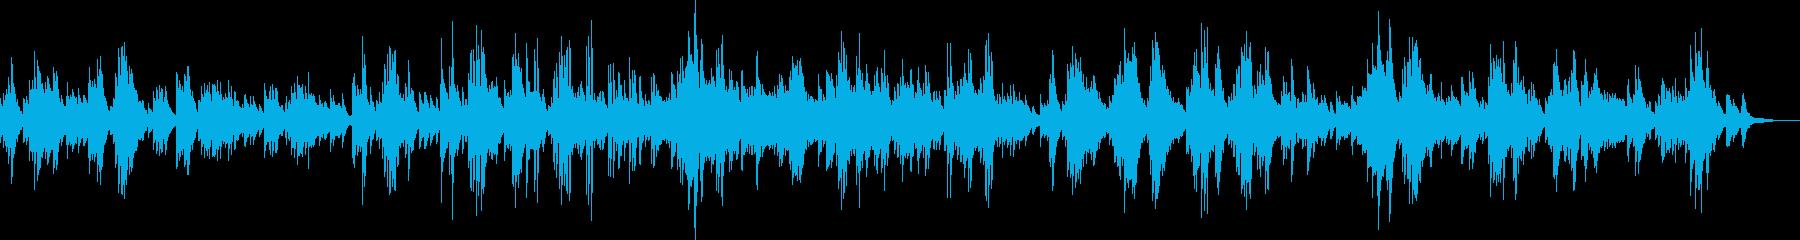 日々の小さな幸せを謳歌したピアノバラードの再生済みの波形